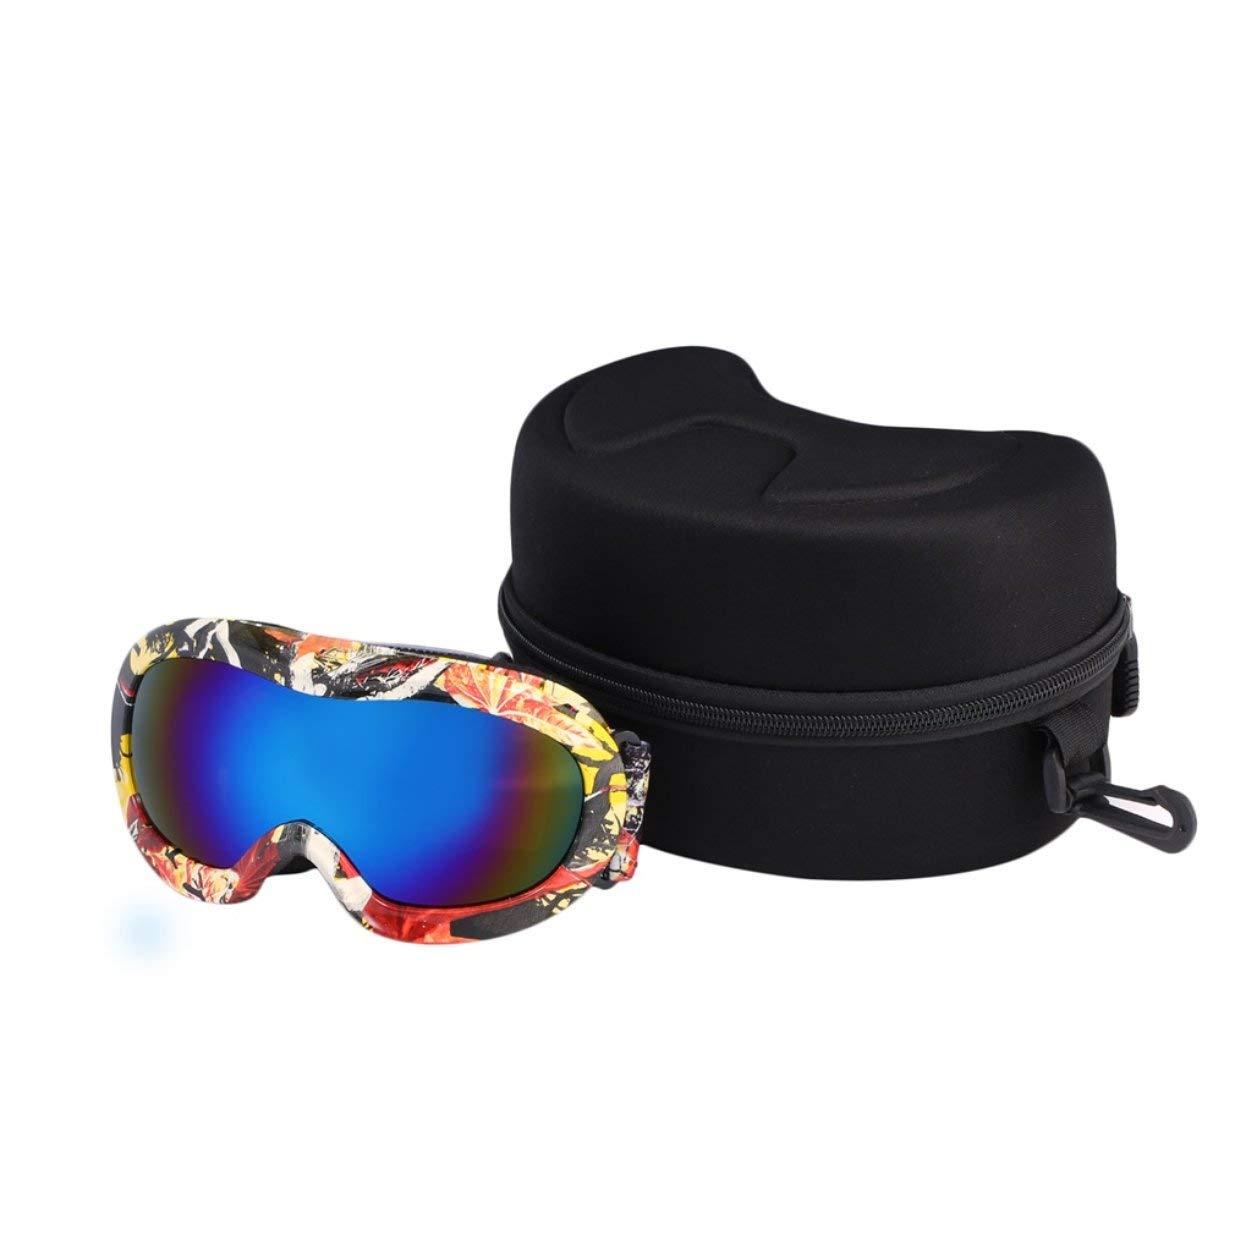 Banbie8409 Kinder Schnee Skibrille Doppelscheibe Anti-Beschlag Winddicht UV400 Maske Brille (Graffiti Farbe # 3)